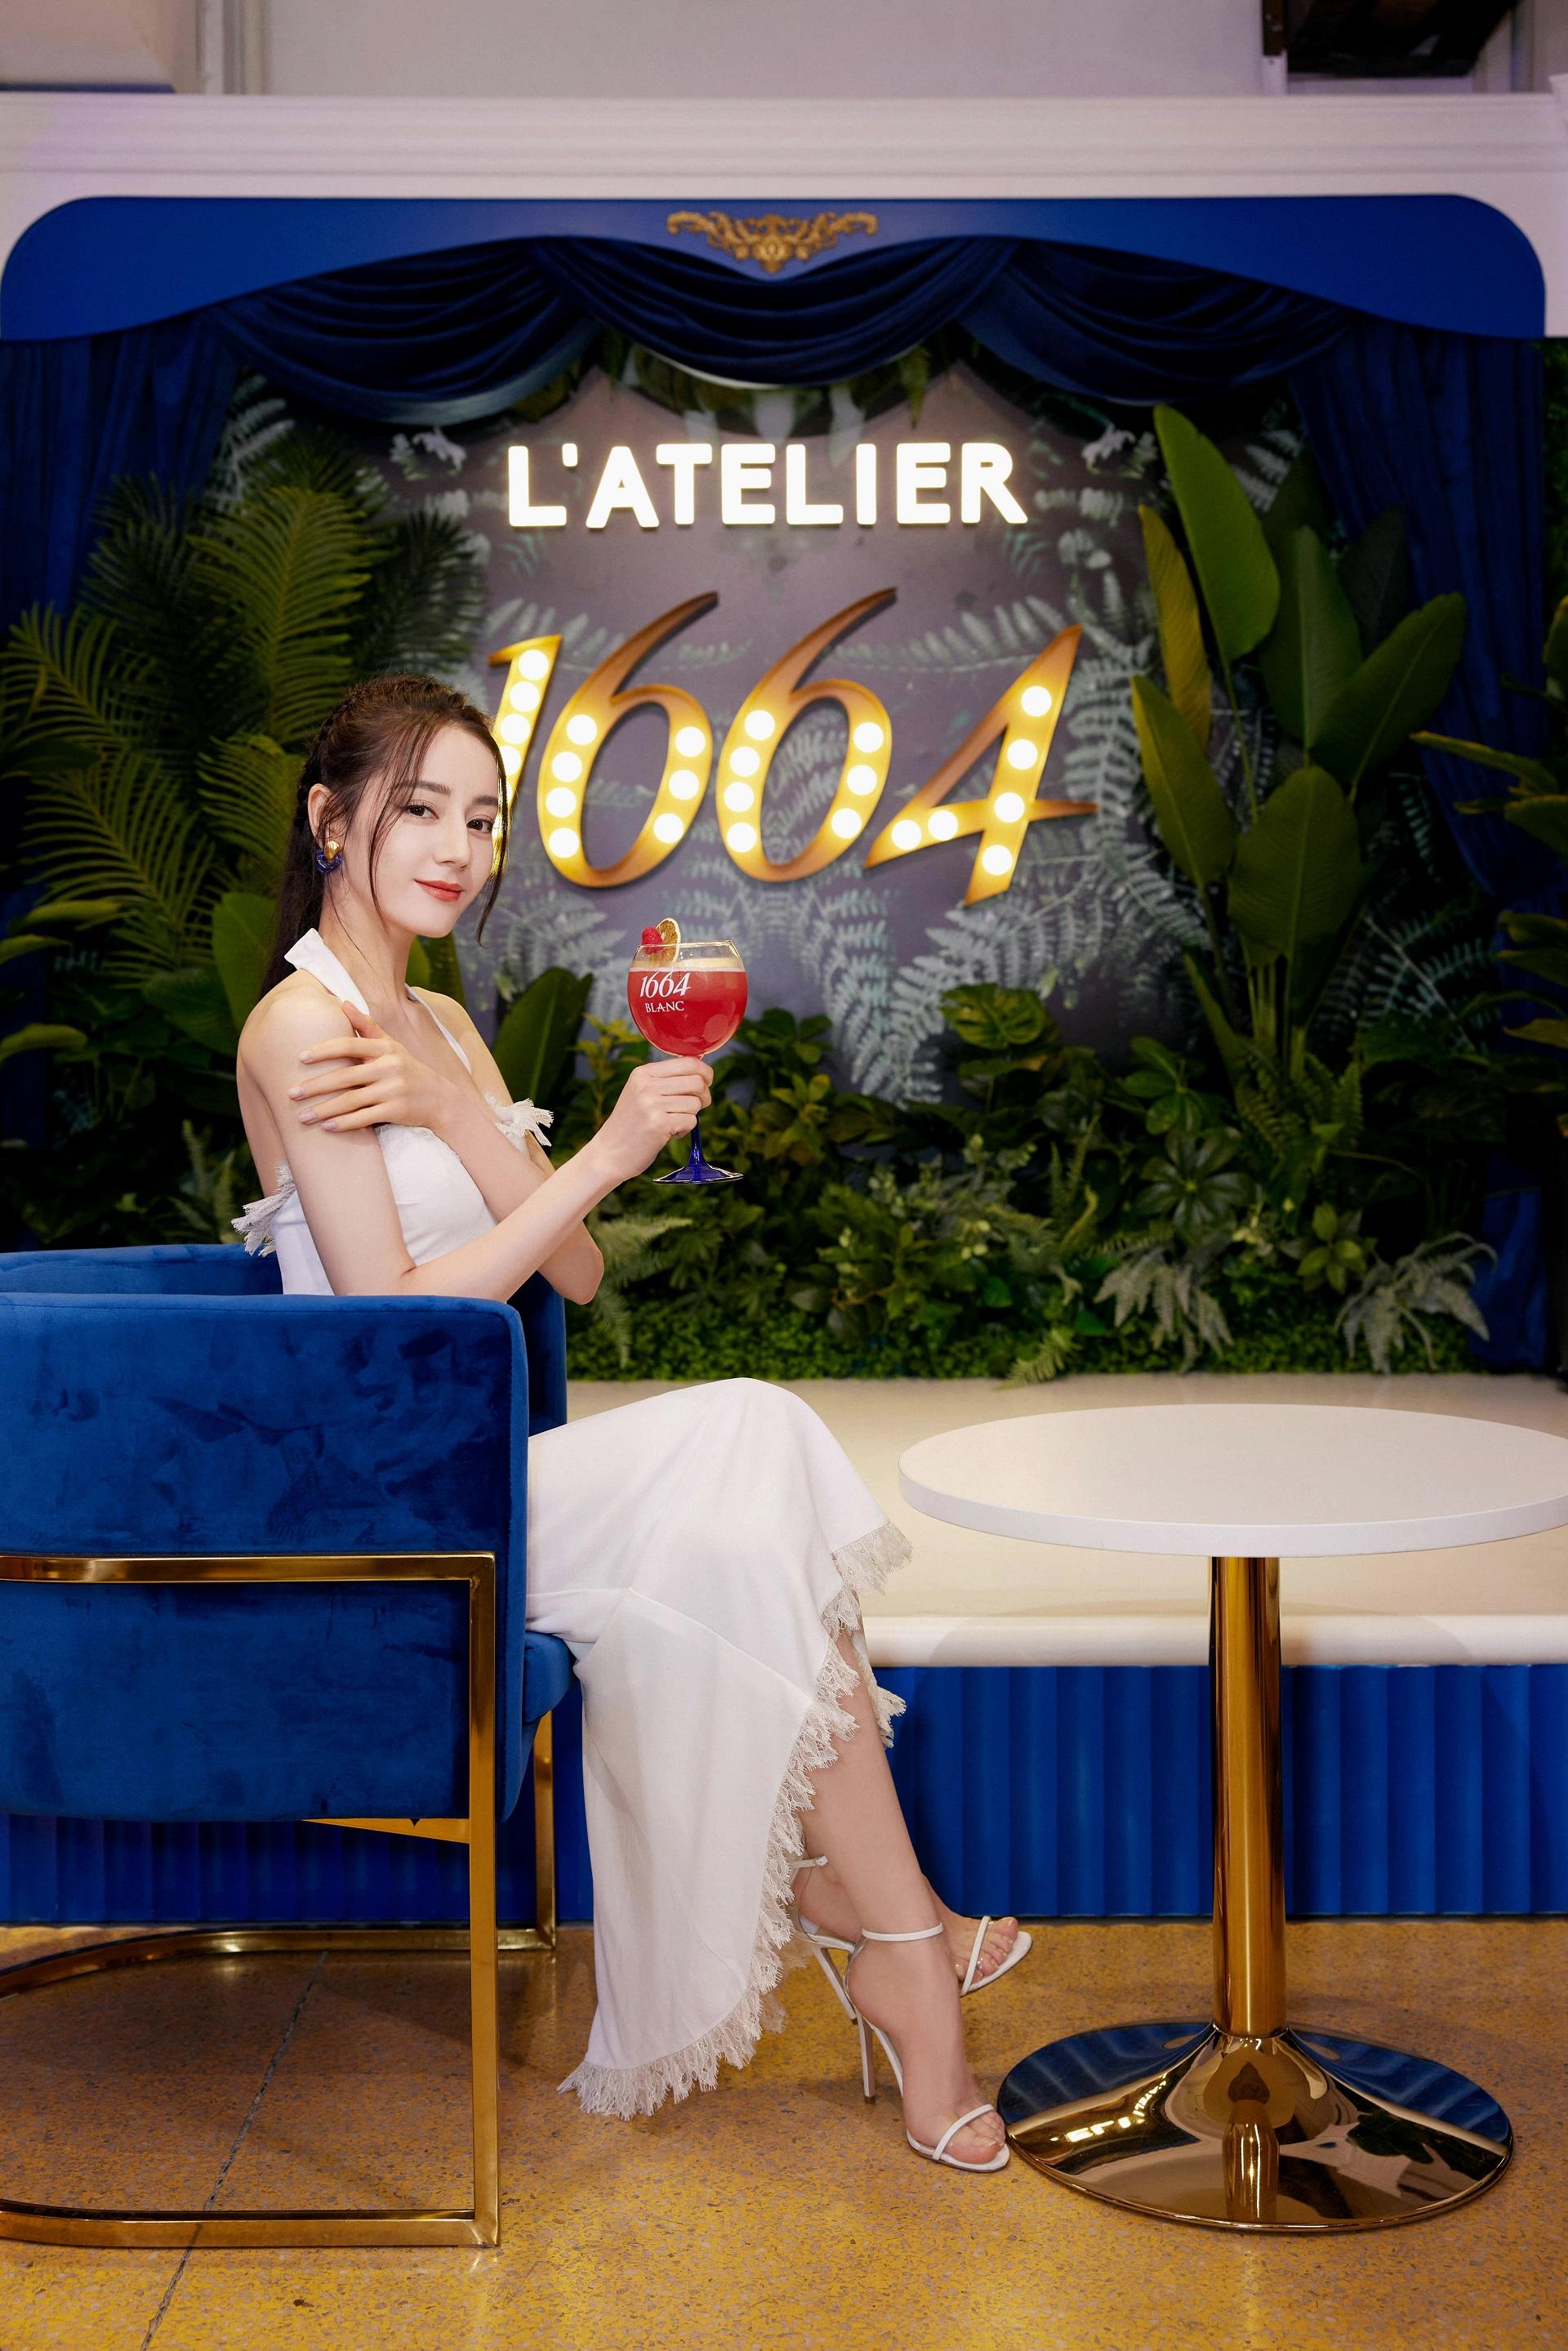 """""""1664 L'ATELIER巴黎艺墅""""抵临上海  1664品牌代言人迪丽热巴探索法式生活插图(7)"""